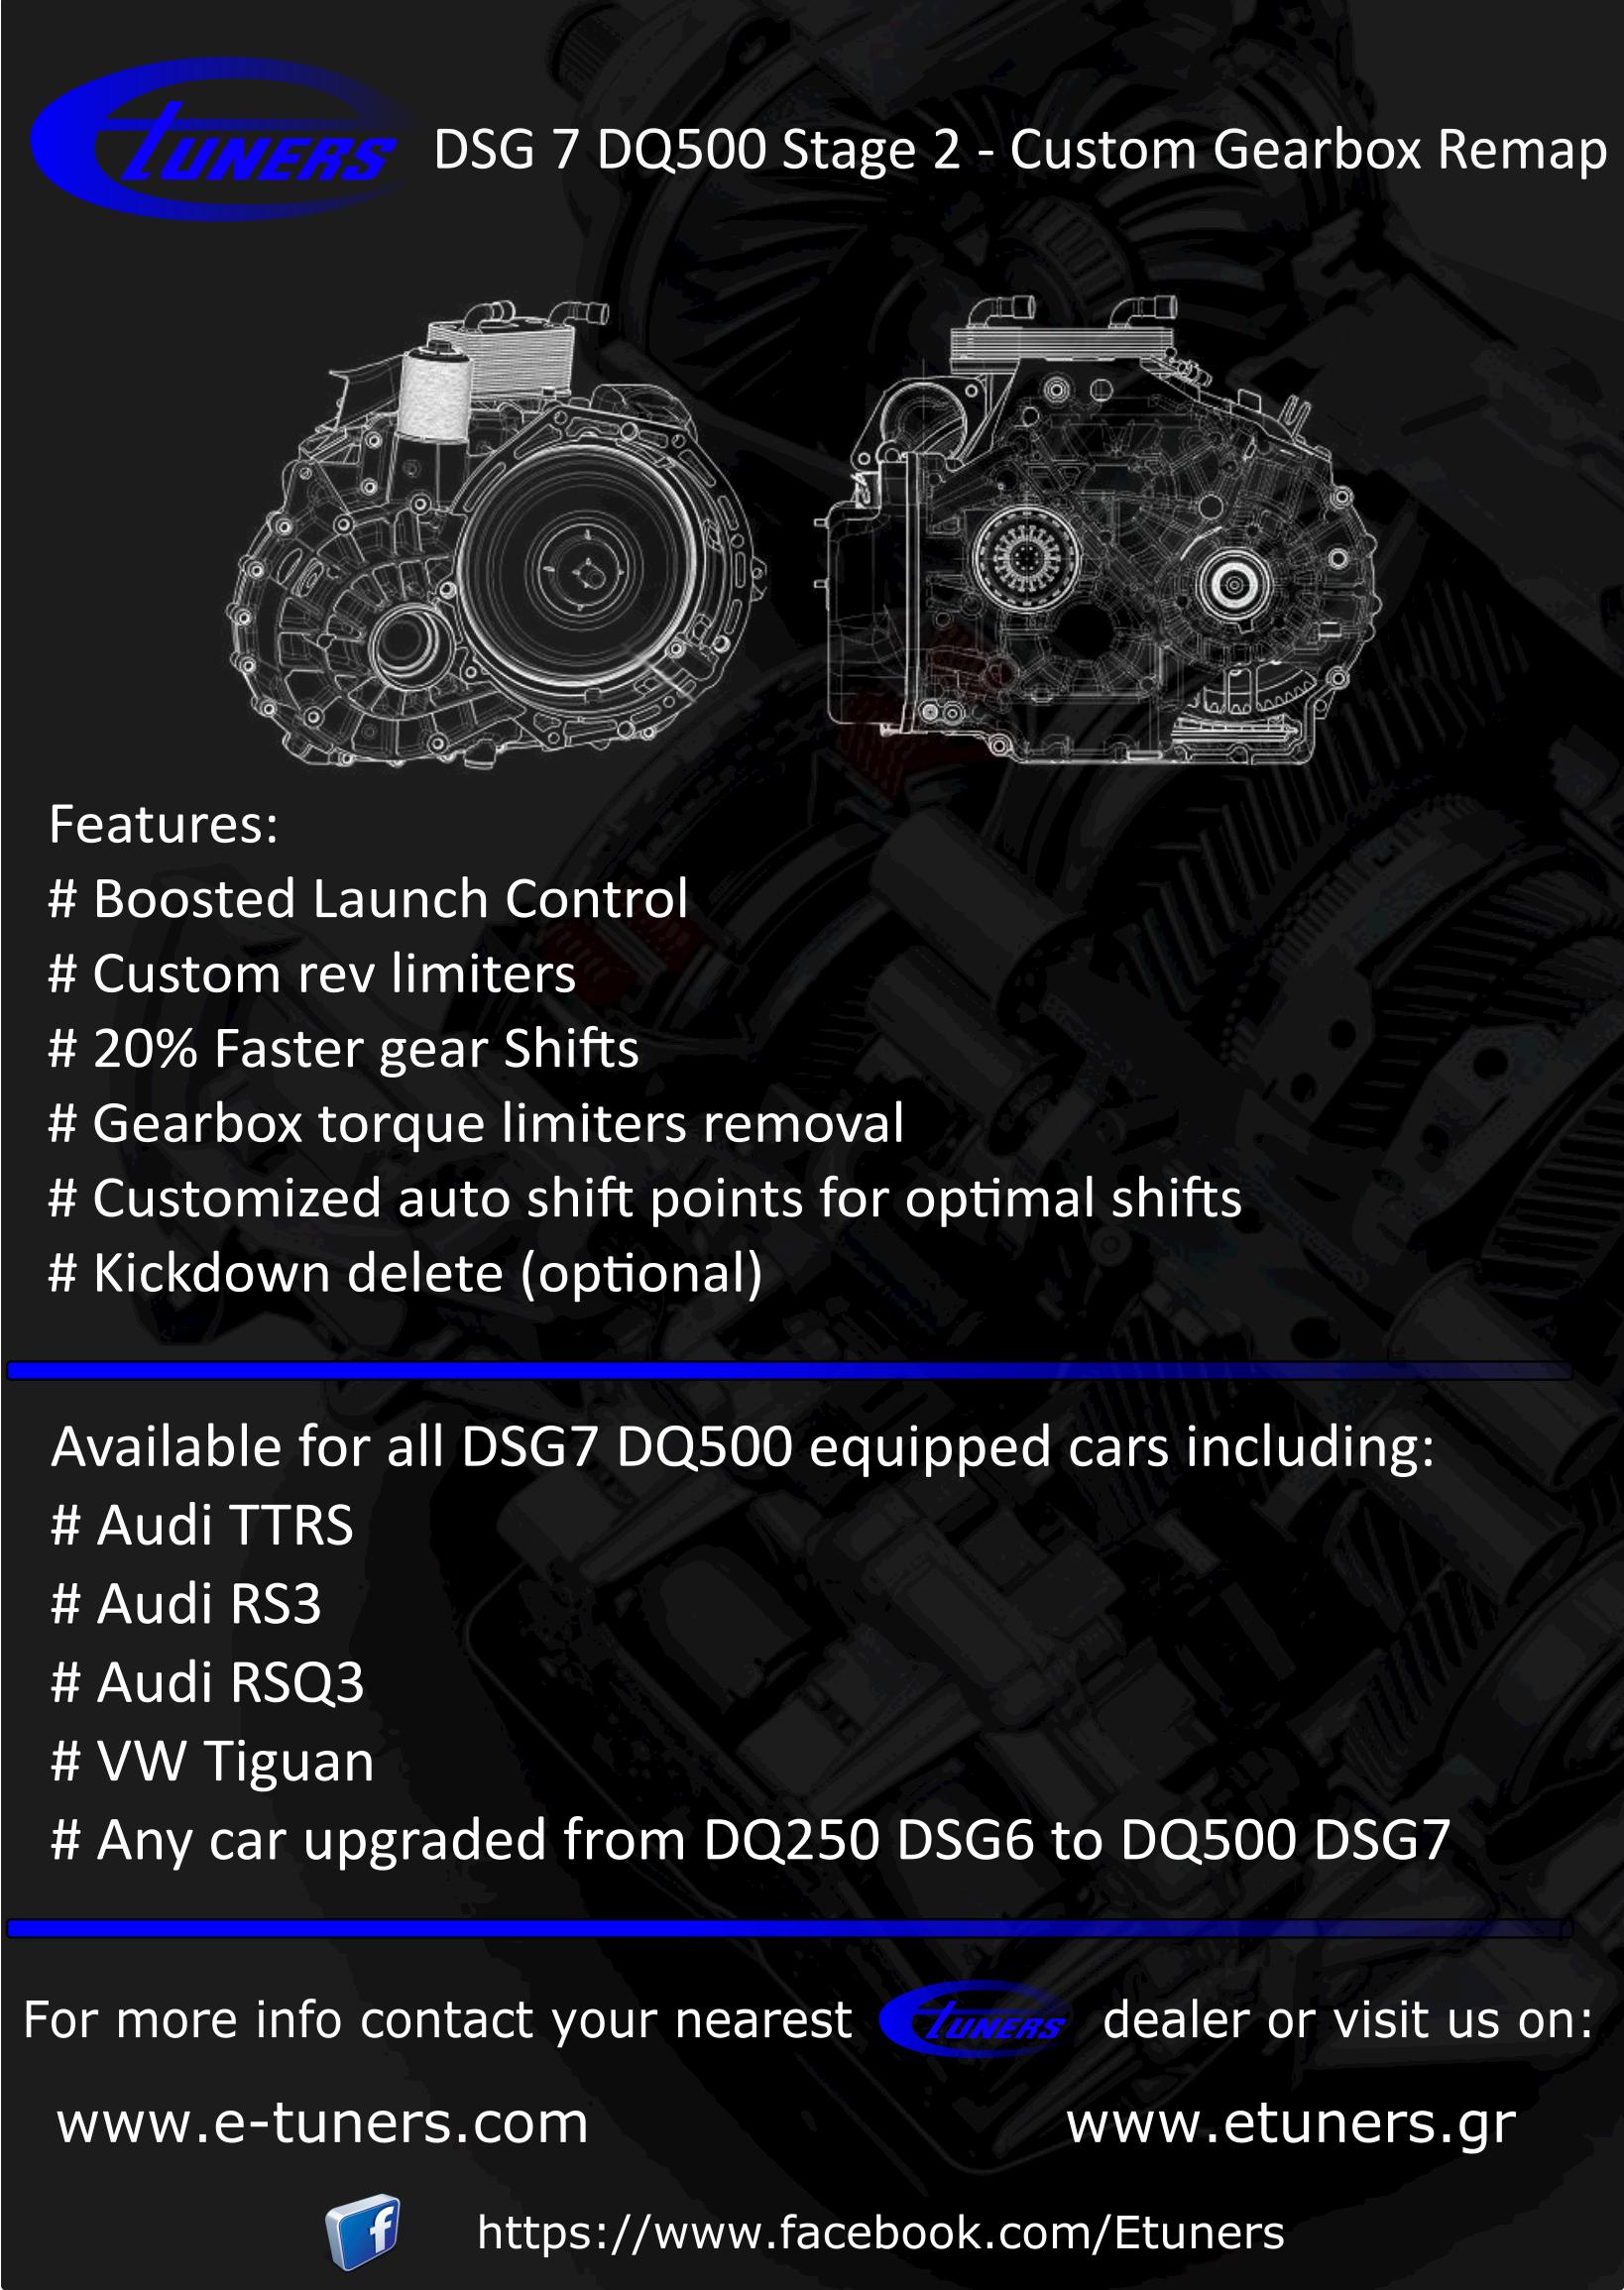 Dsg7 Dq500 Gearbox Stage 2 Remap Etuners